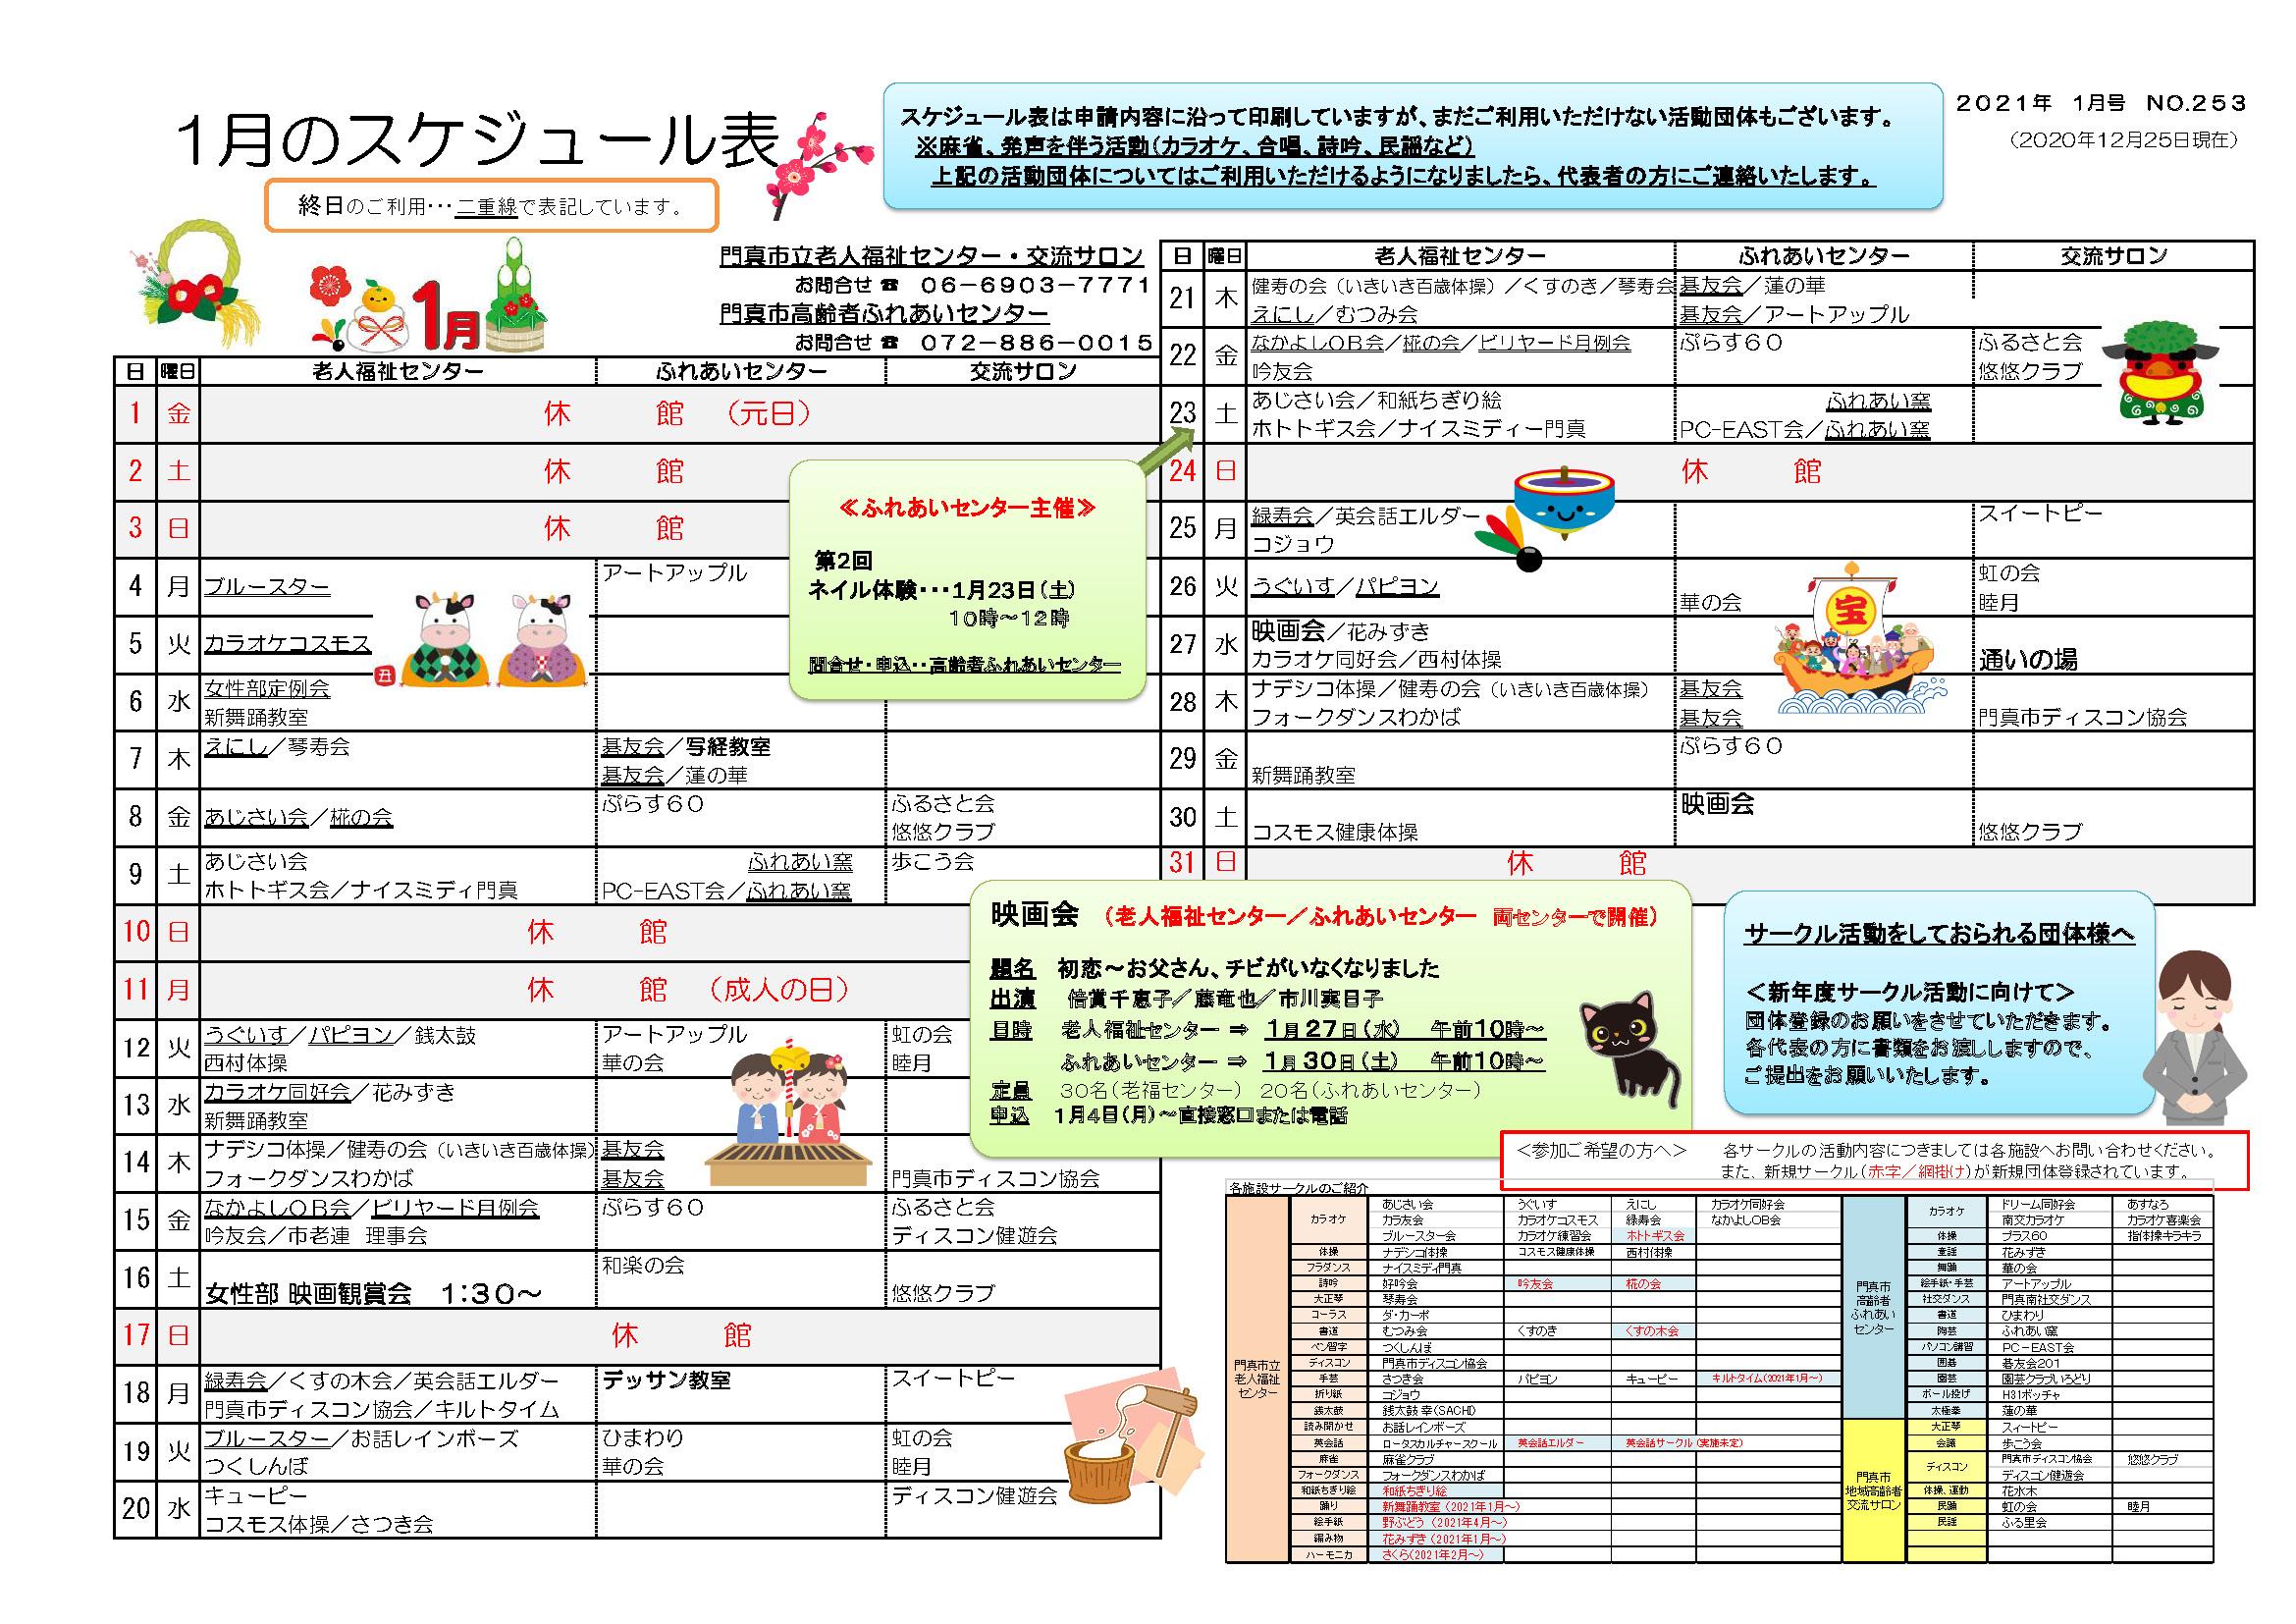 202101スケジュール表